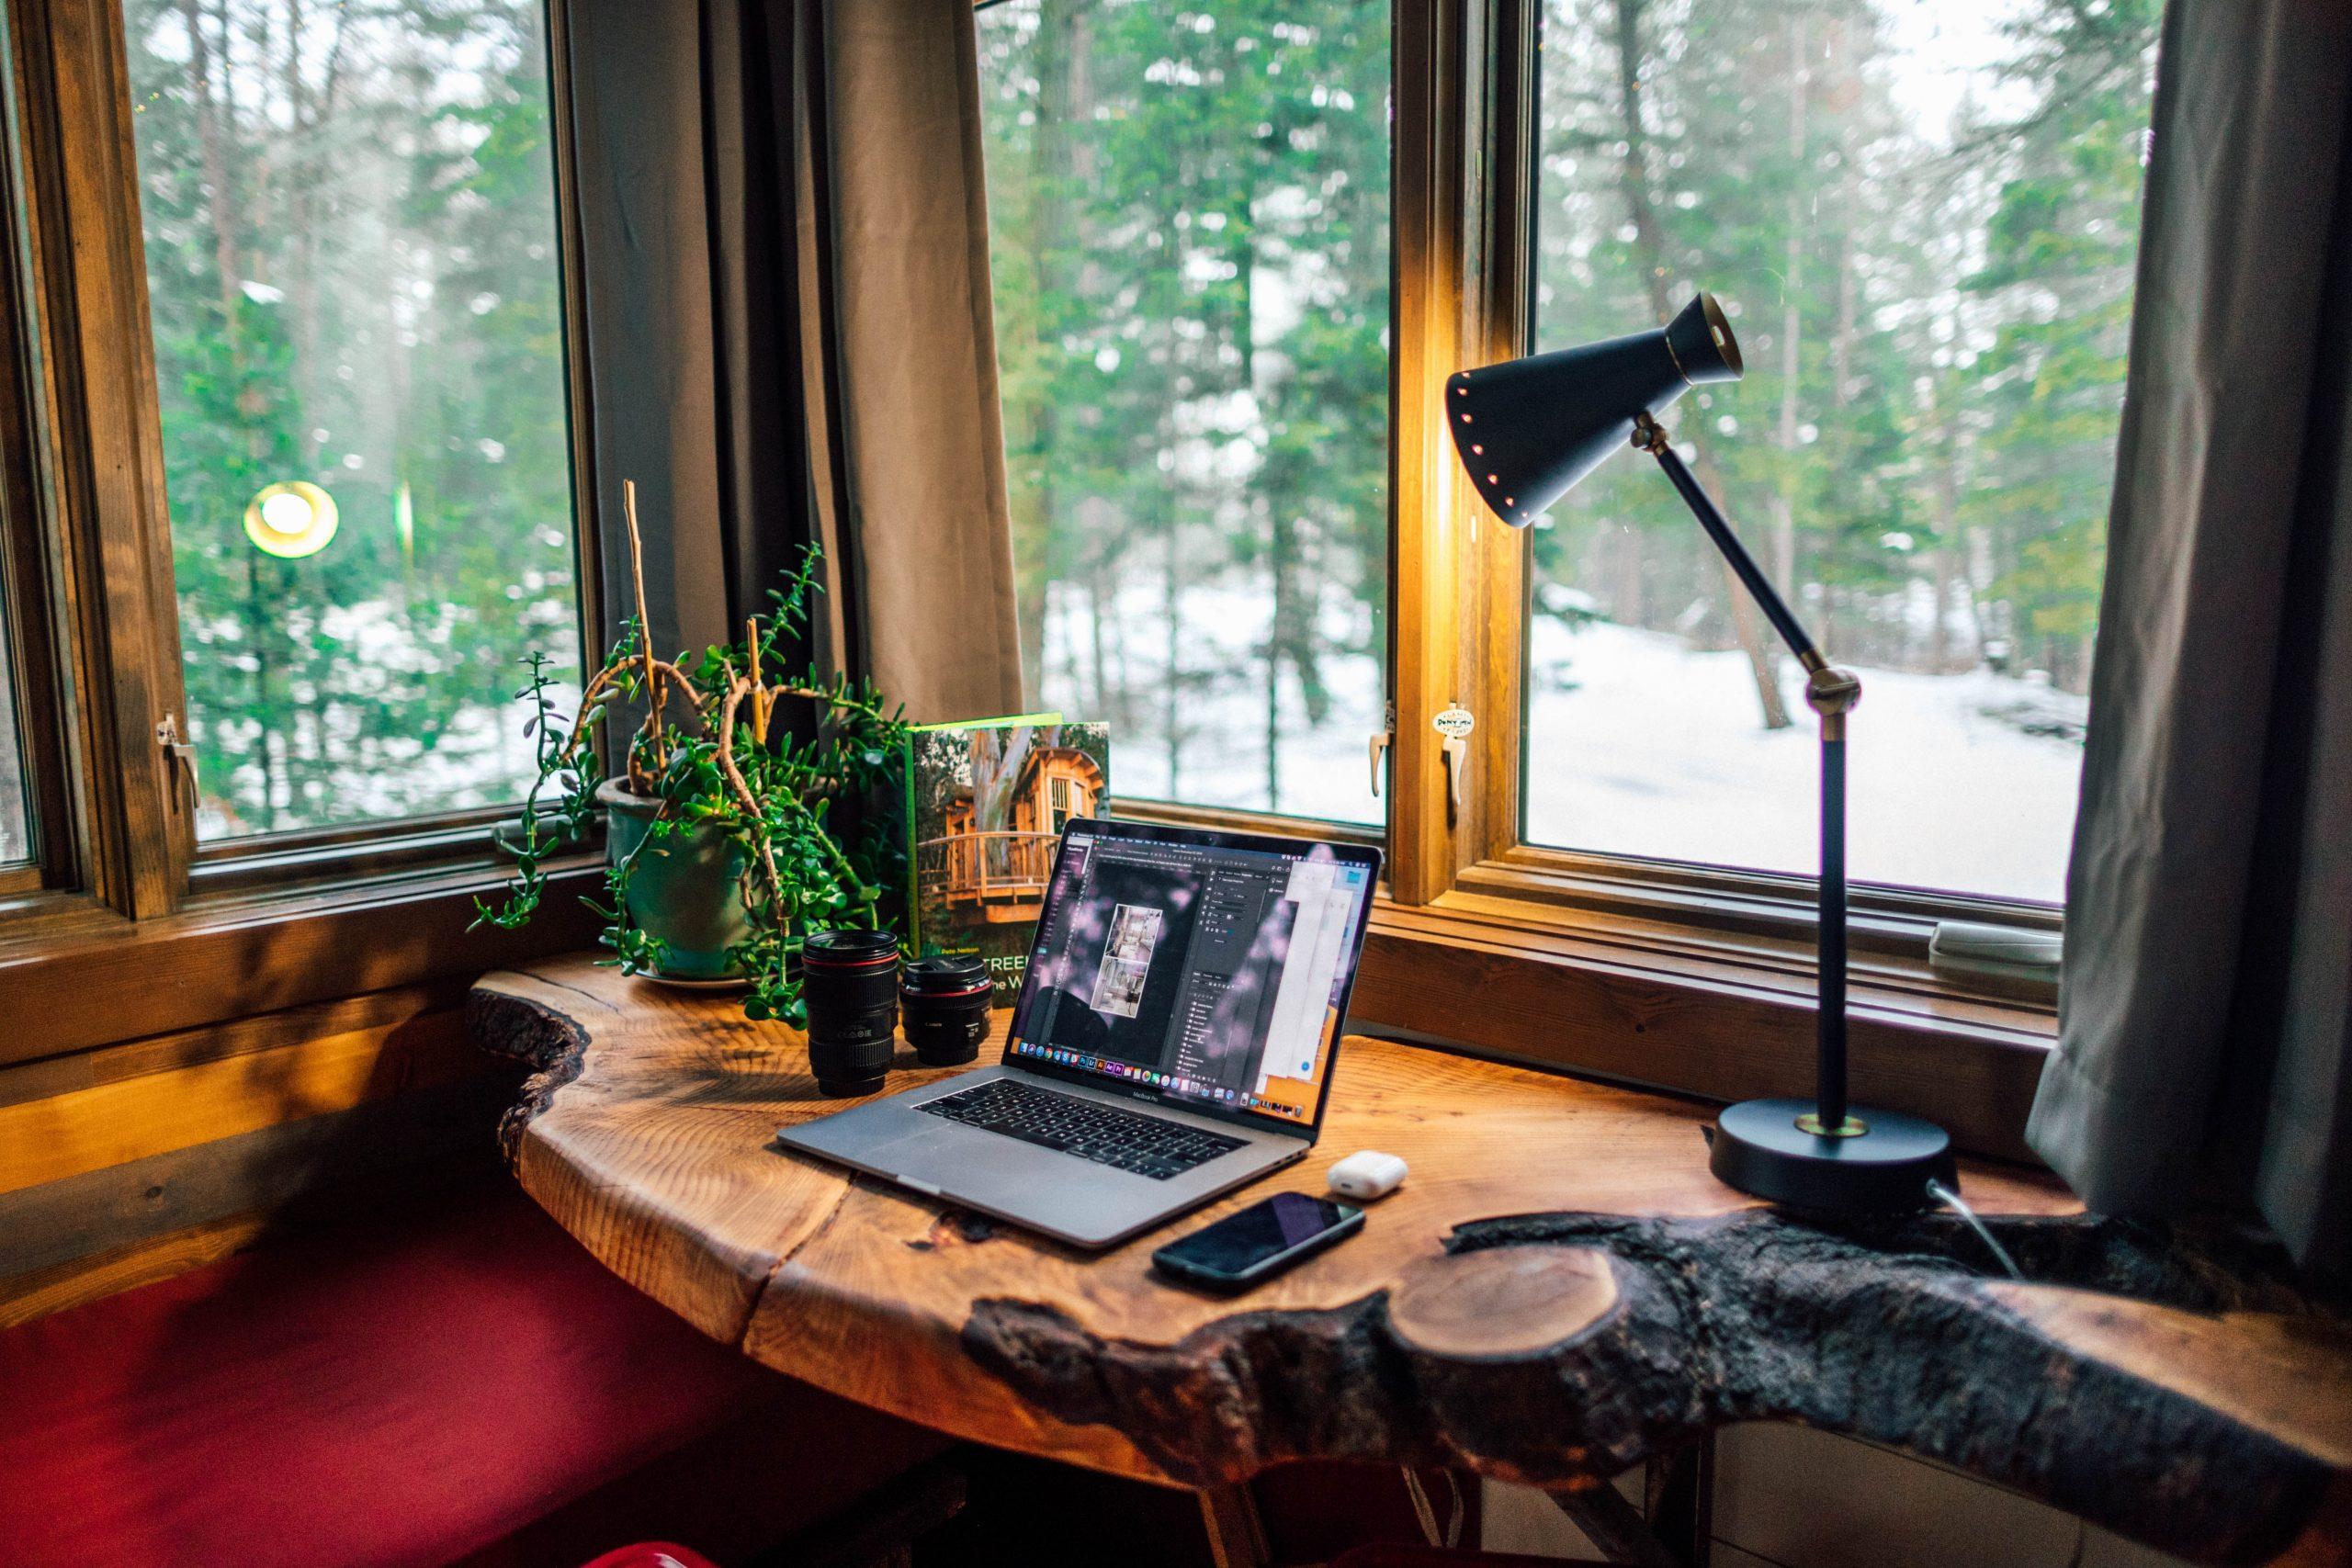 Teletrabajo: 12 herramientas gratuitas para hacer home office